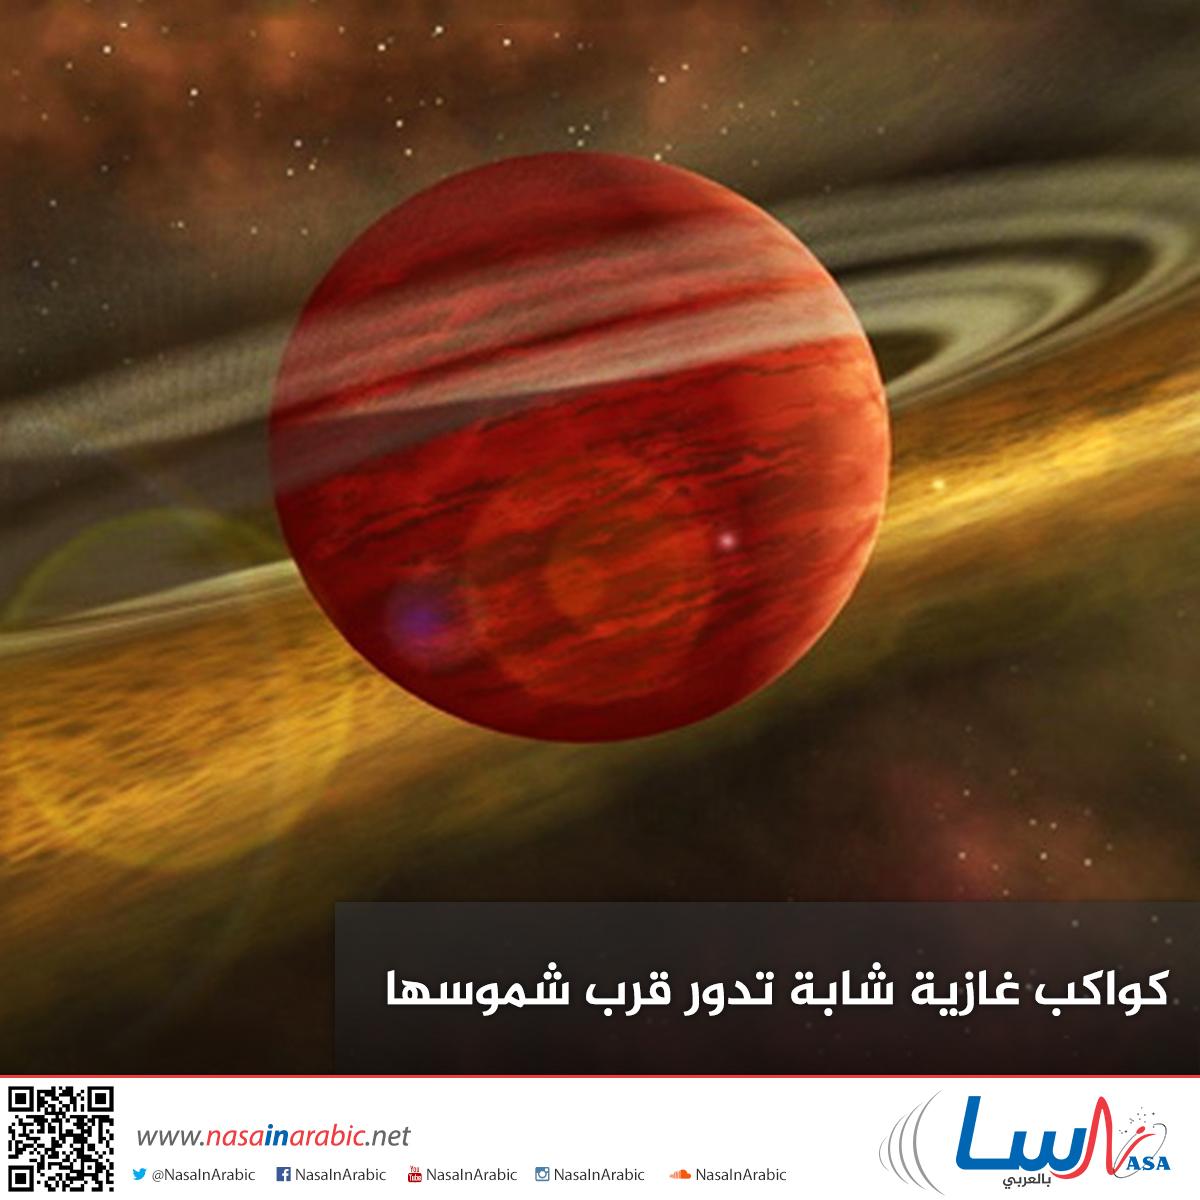 كواكب غازيّة شابة تدور قرب شموسها